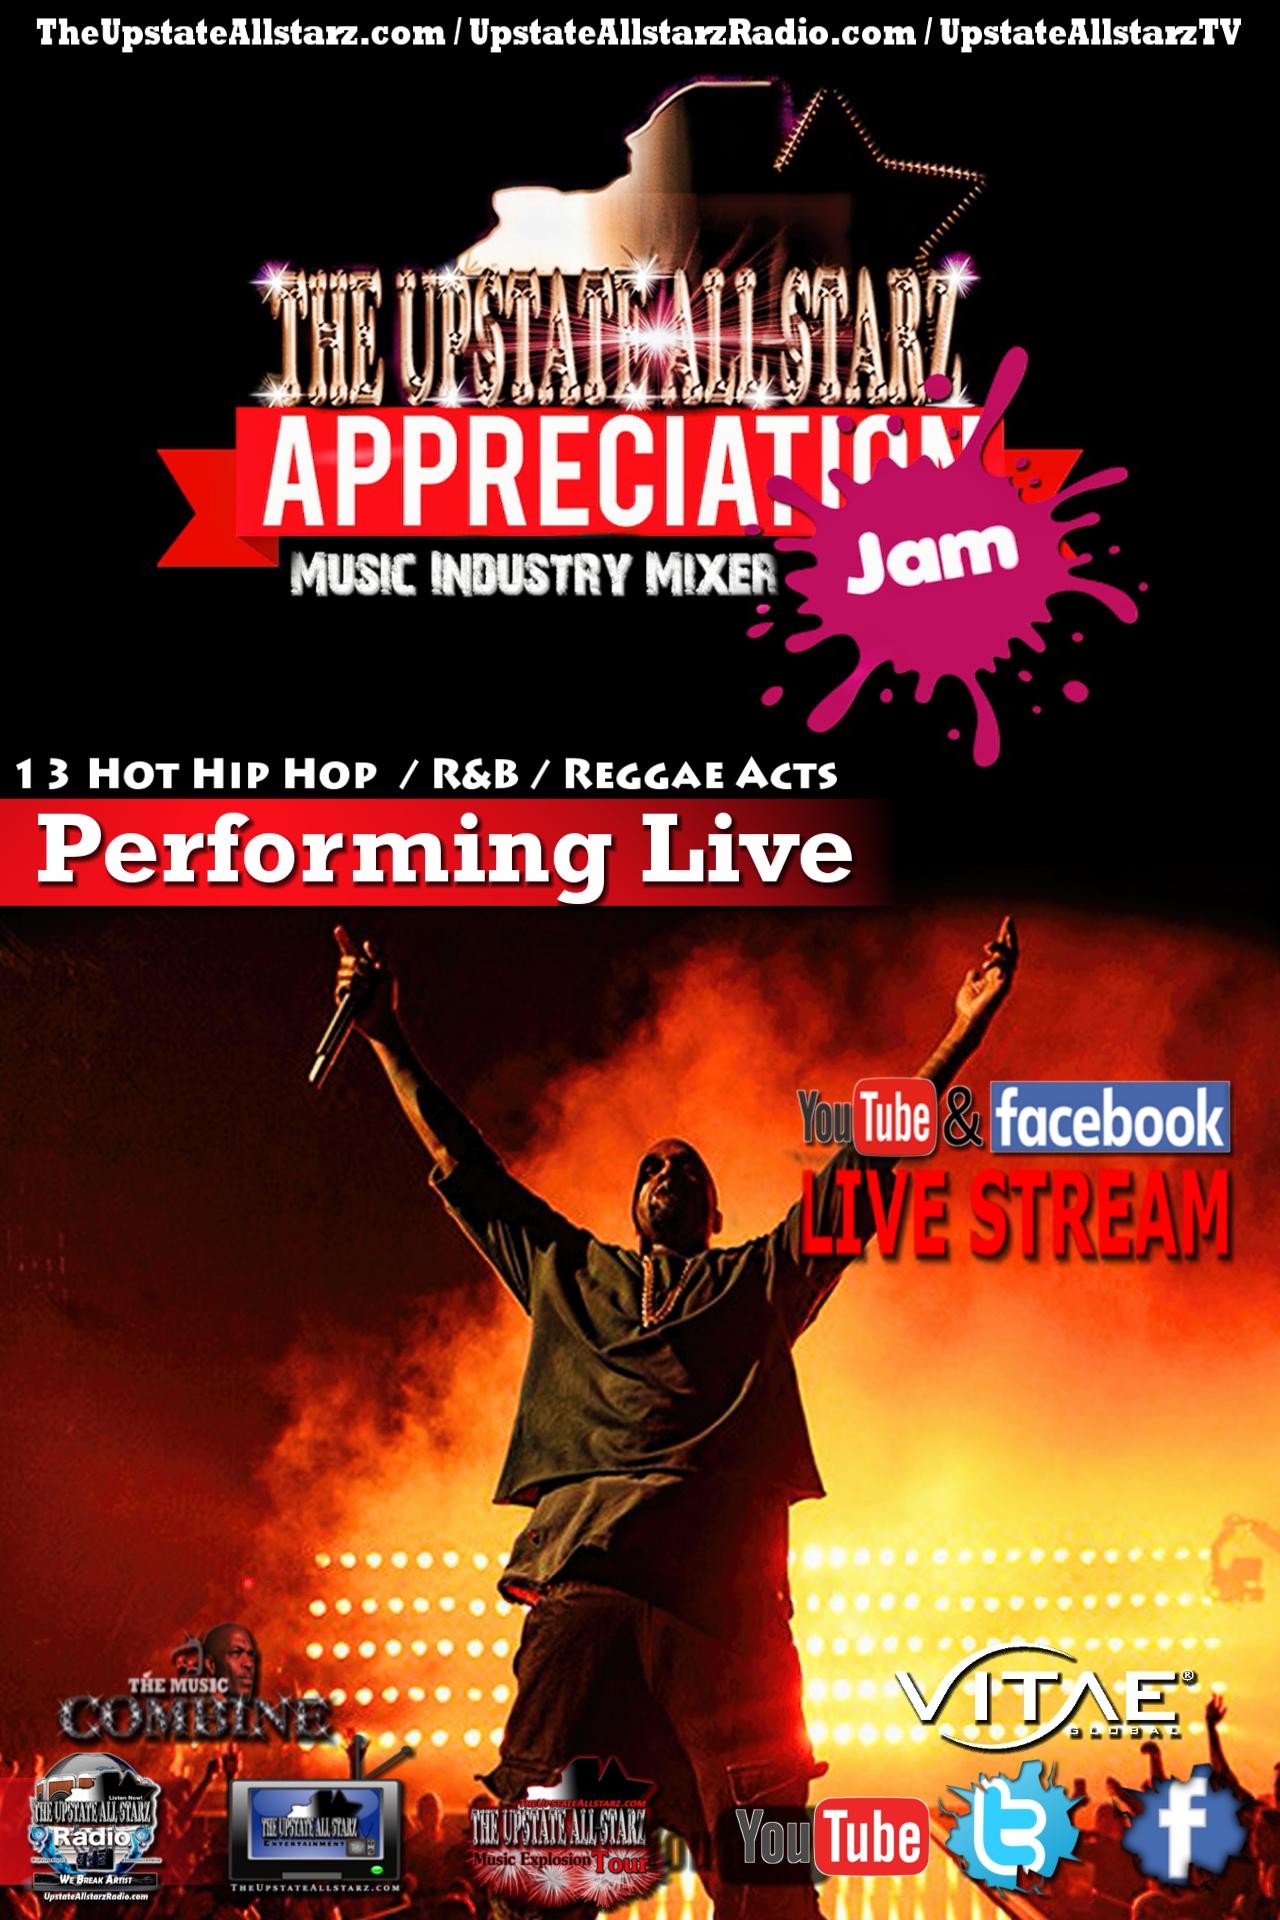 Upstate Allstarz Appreciation Jam / Music Industry Mixer